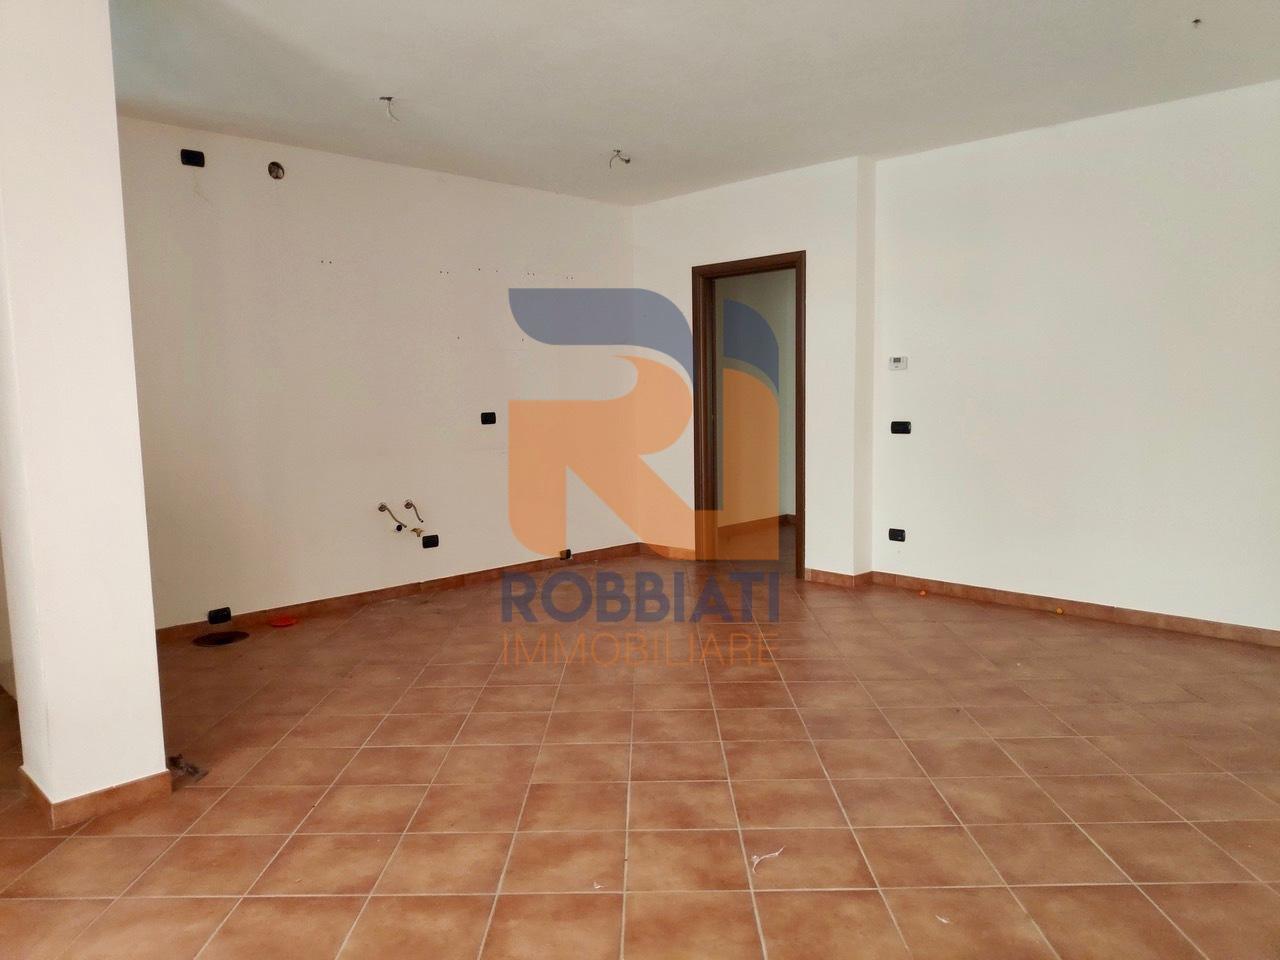 Appartamento in vendita a Castelletto di Branduzzo, 2 locali, prezzo € 45.000 | PortaleAgenzieImmobiliari.it